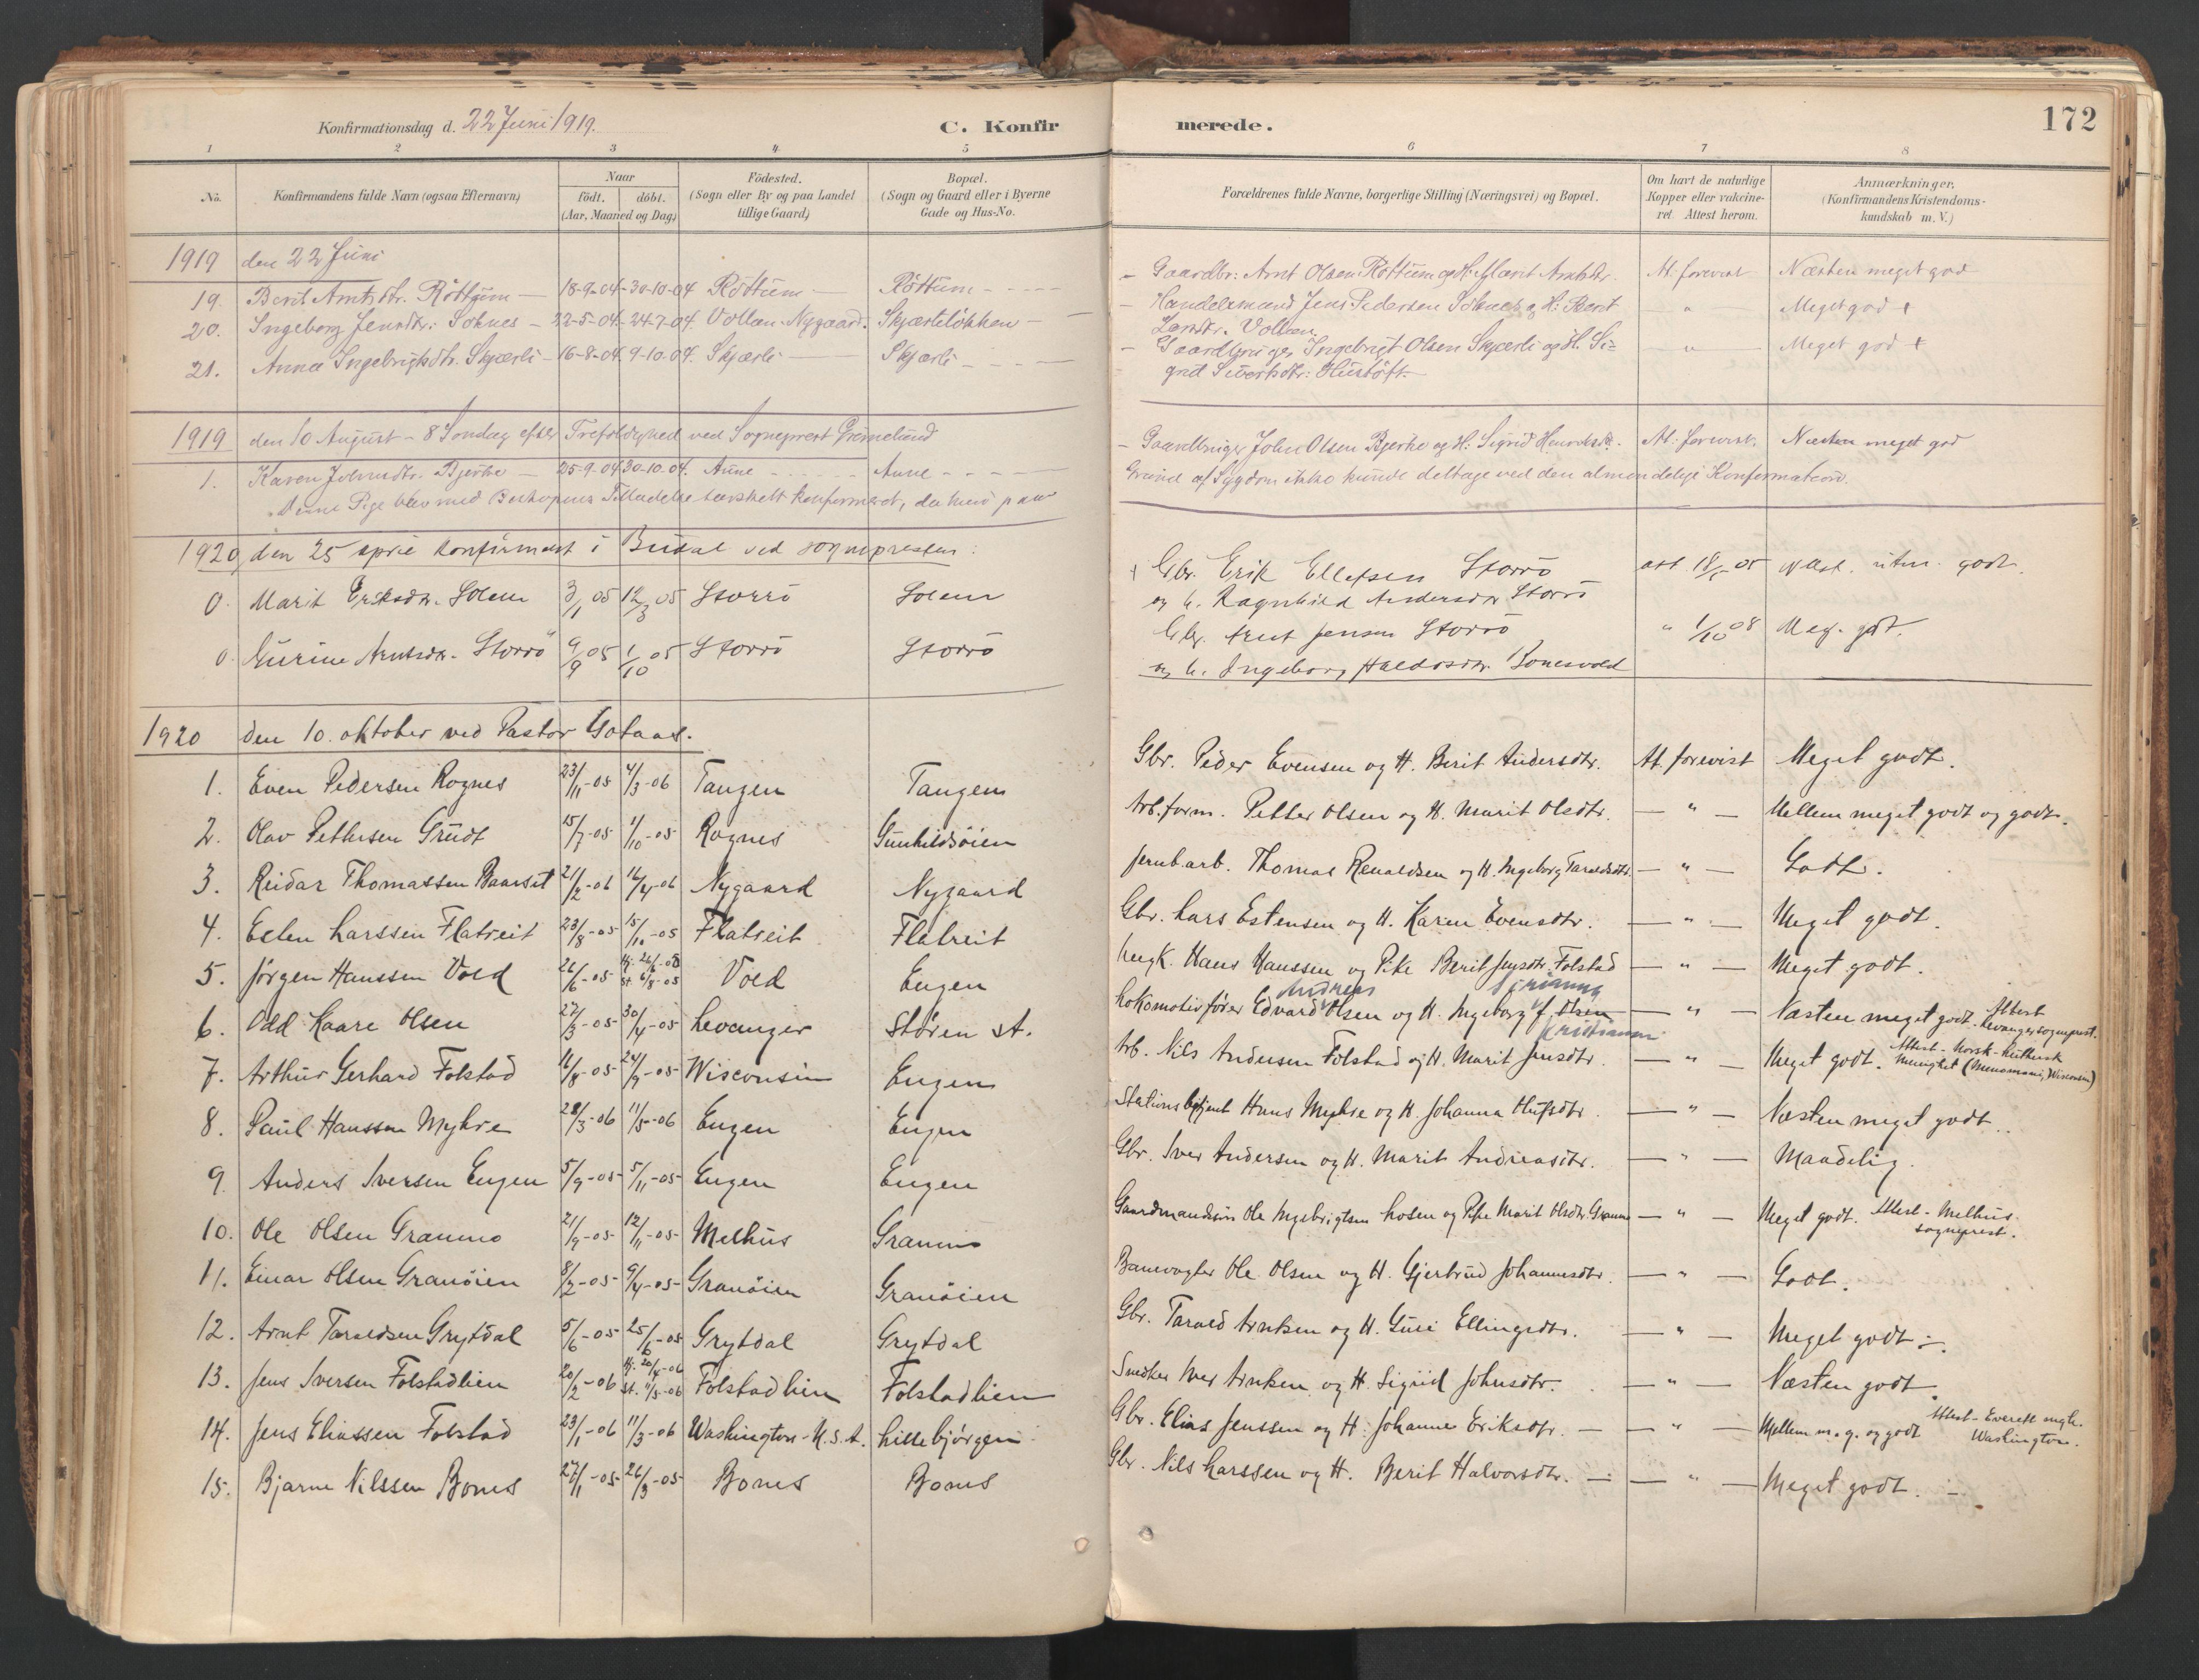 SAT, Ministerialprotokoller, klokkerbøker og fødselsregistre - Sør-Trøndelag, 687/L1004: Ministerialbok nr. 687A10, 1891-1923, s. 172